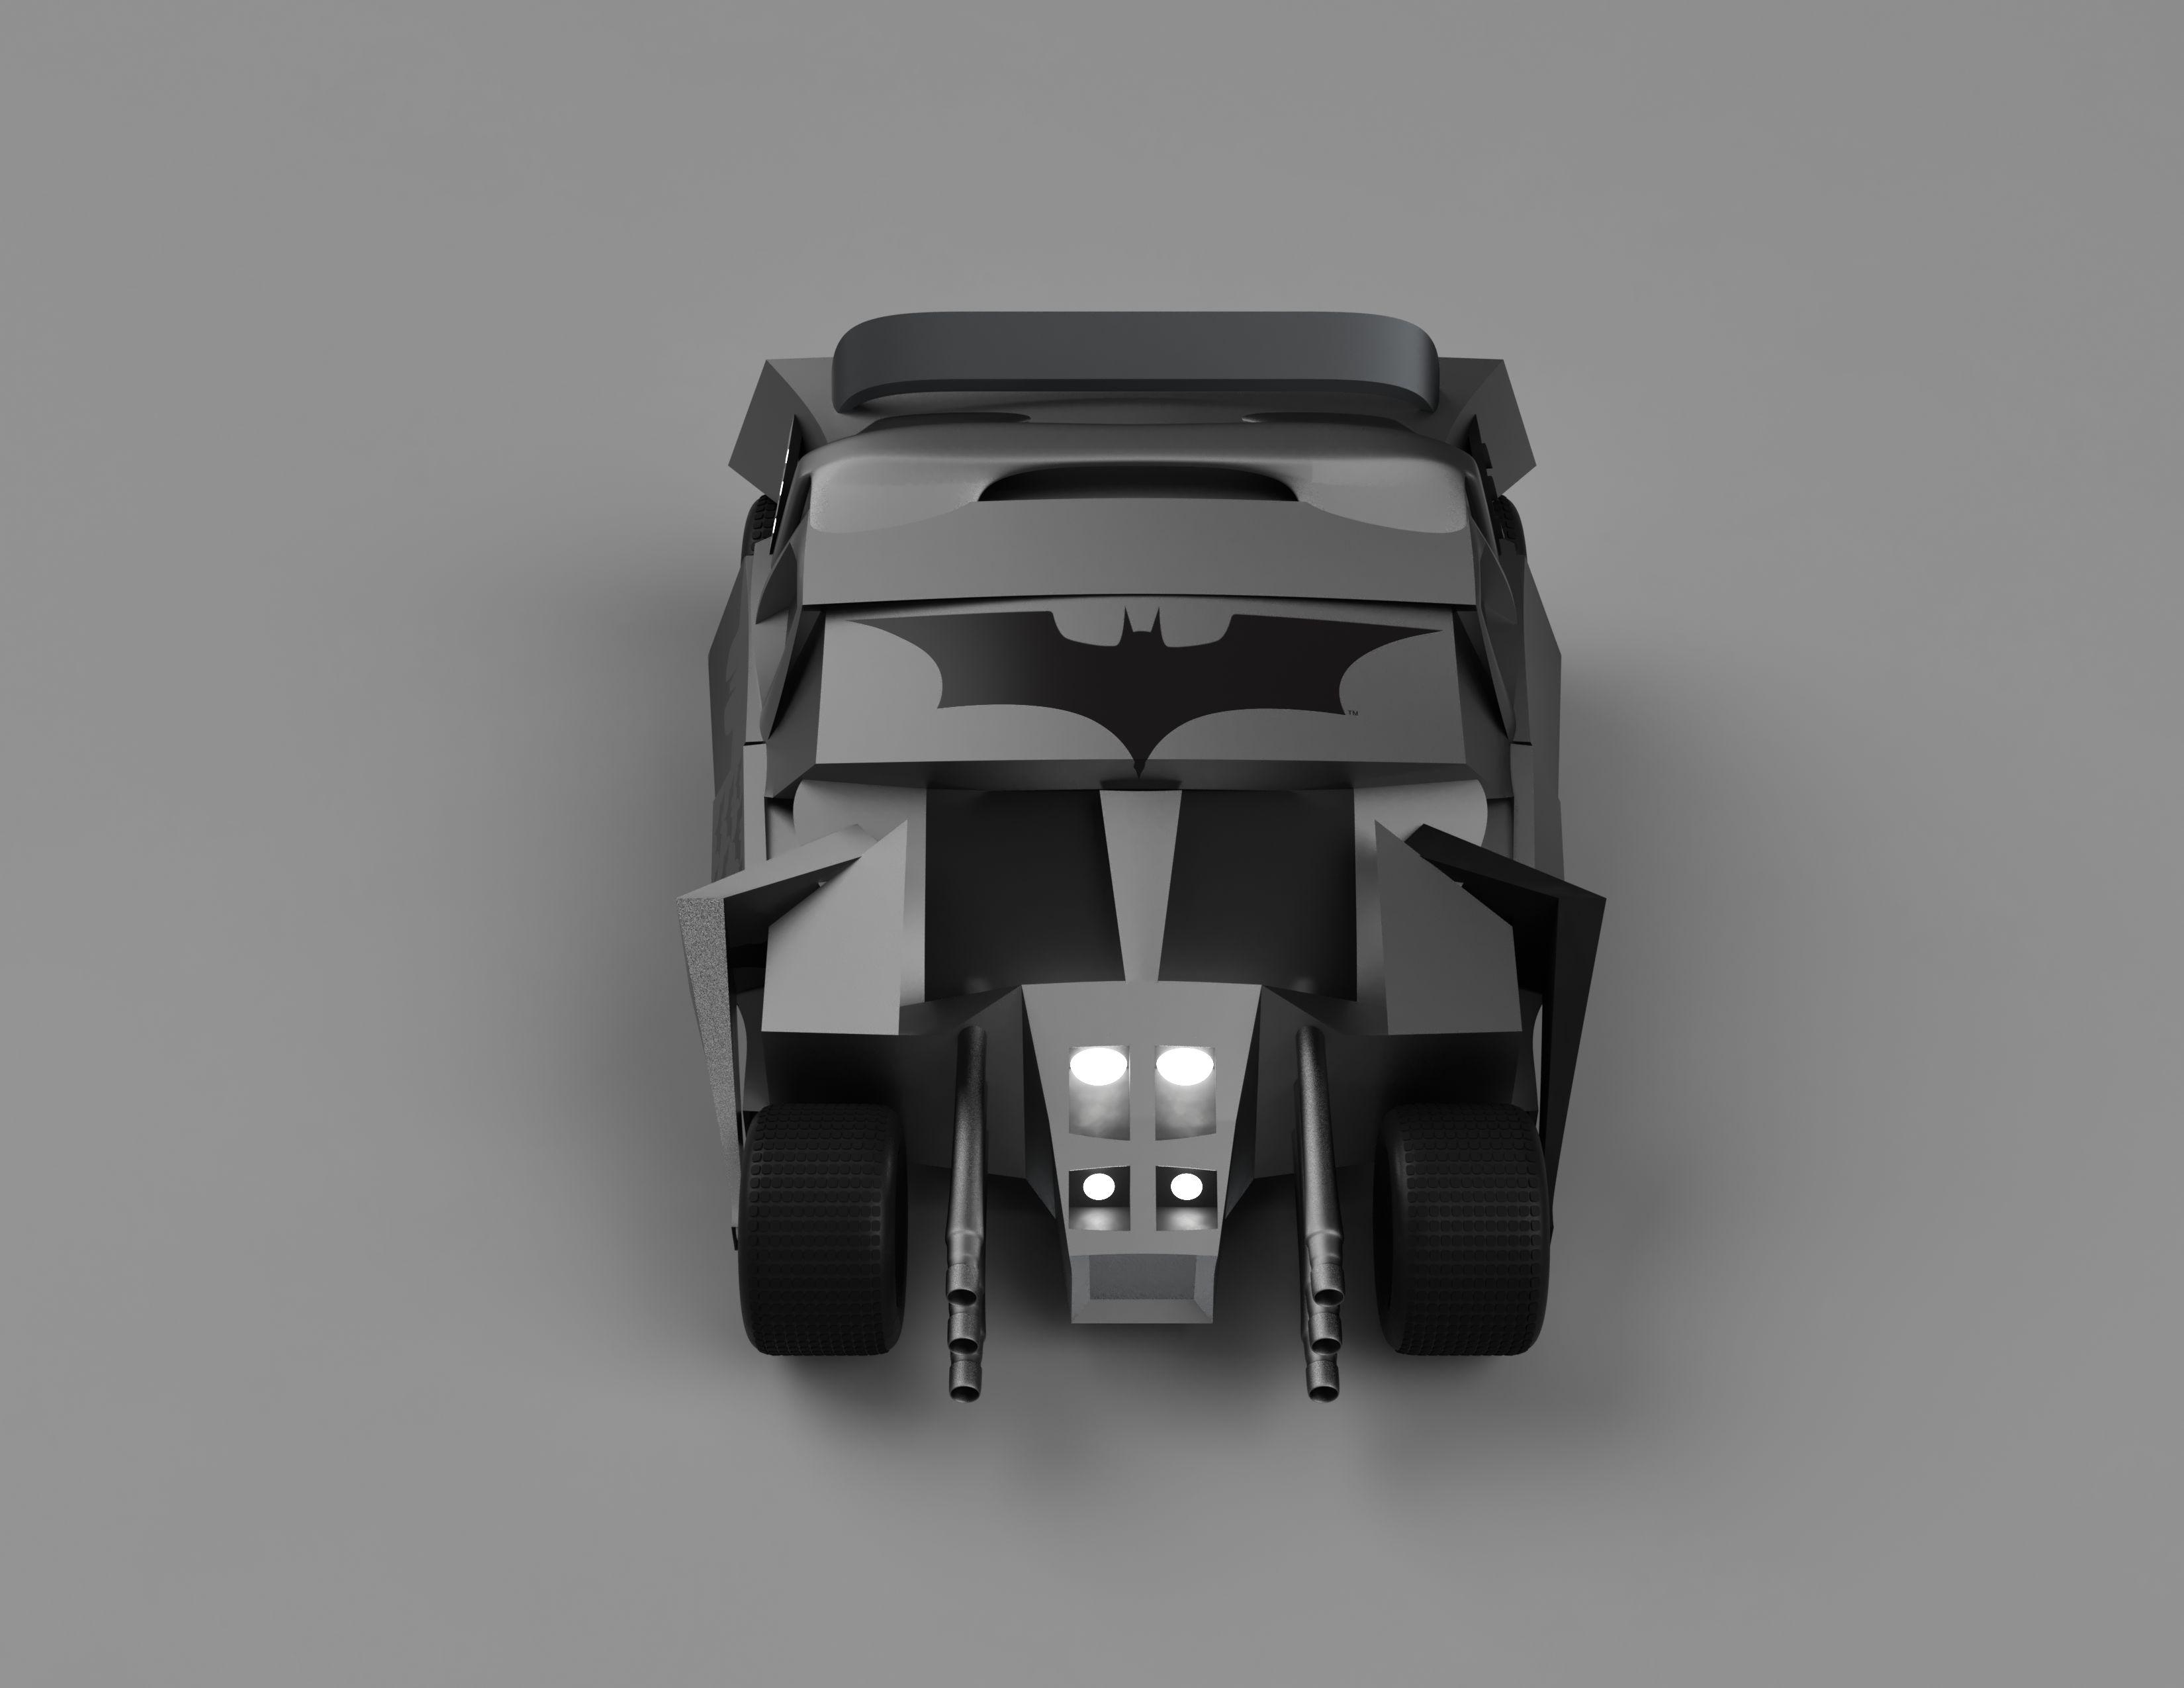 Bat-2-2017-aug-03-02-44-51pm-000-customizedview29293683016-3500-3500